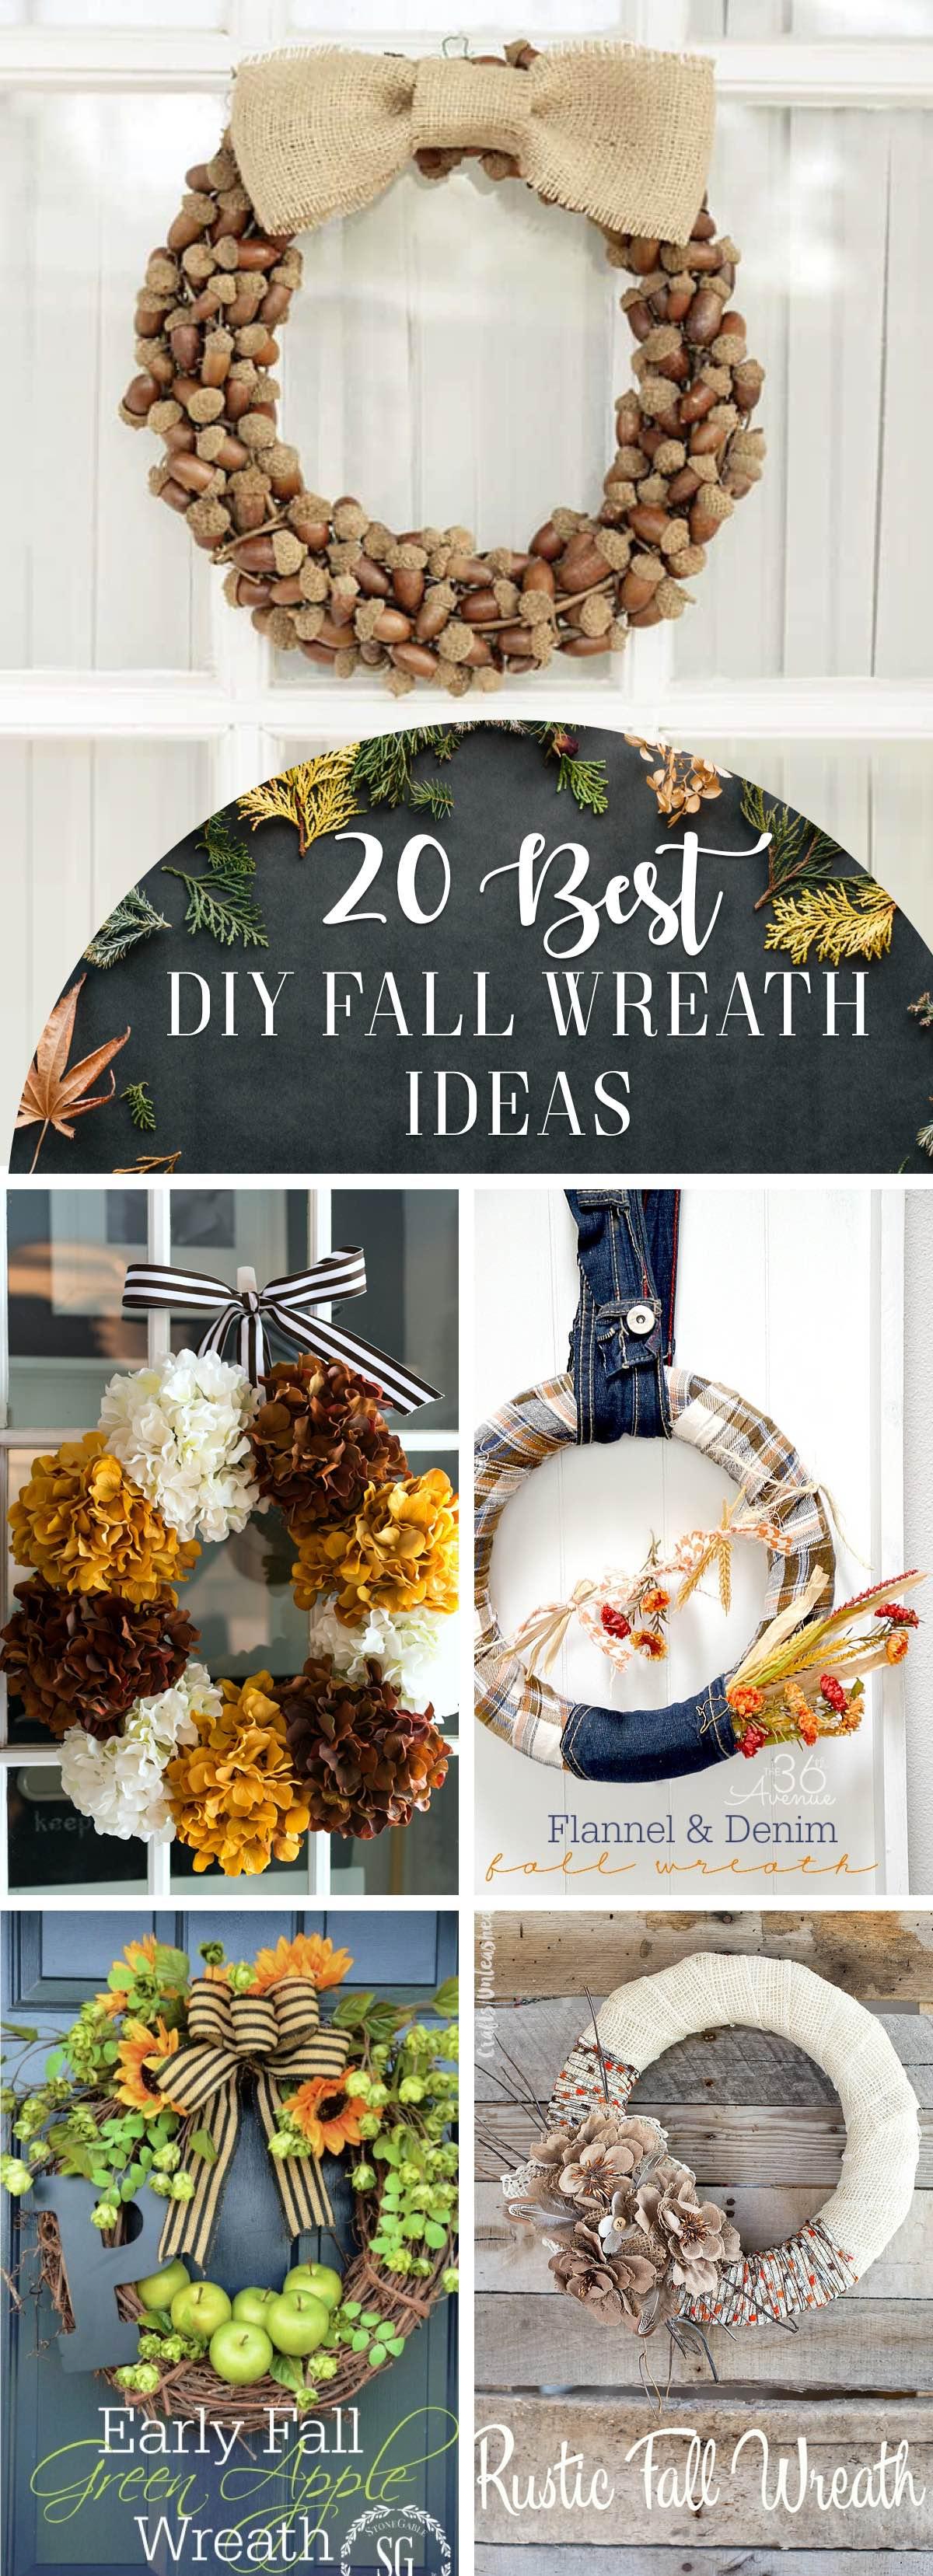 best 20 DIY Fall Wreaths